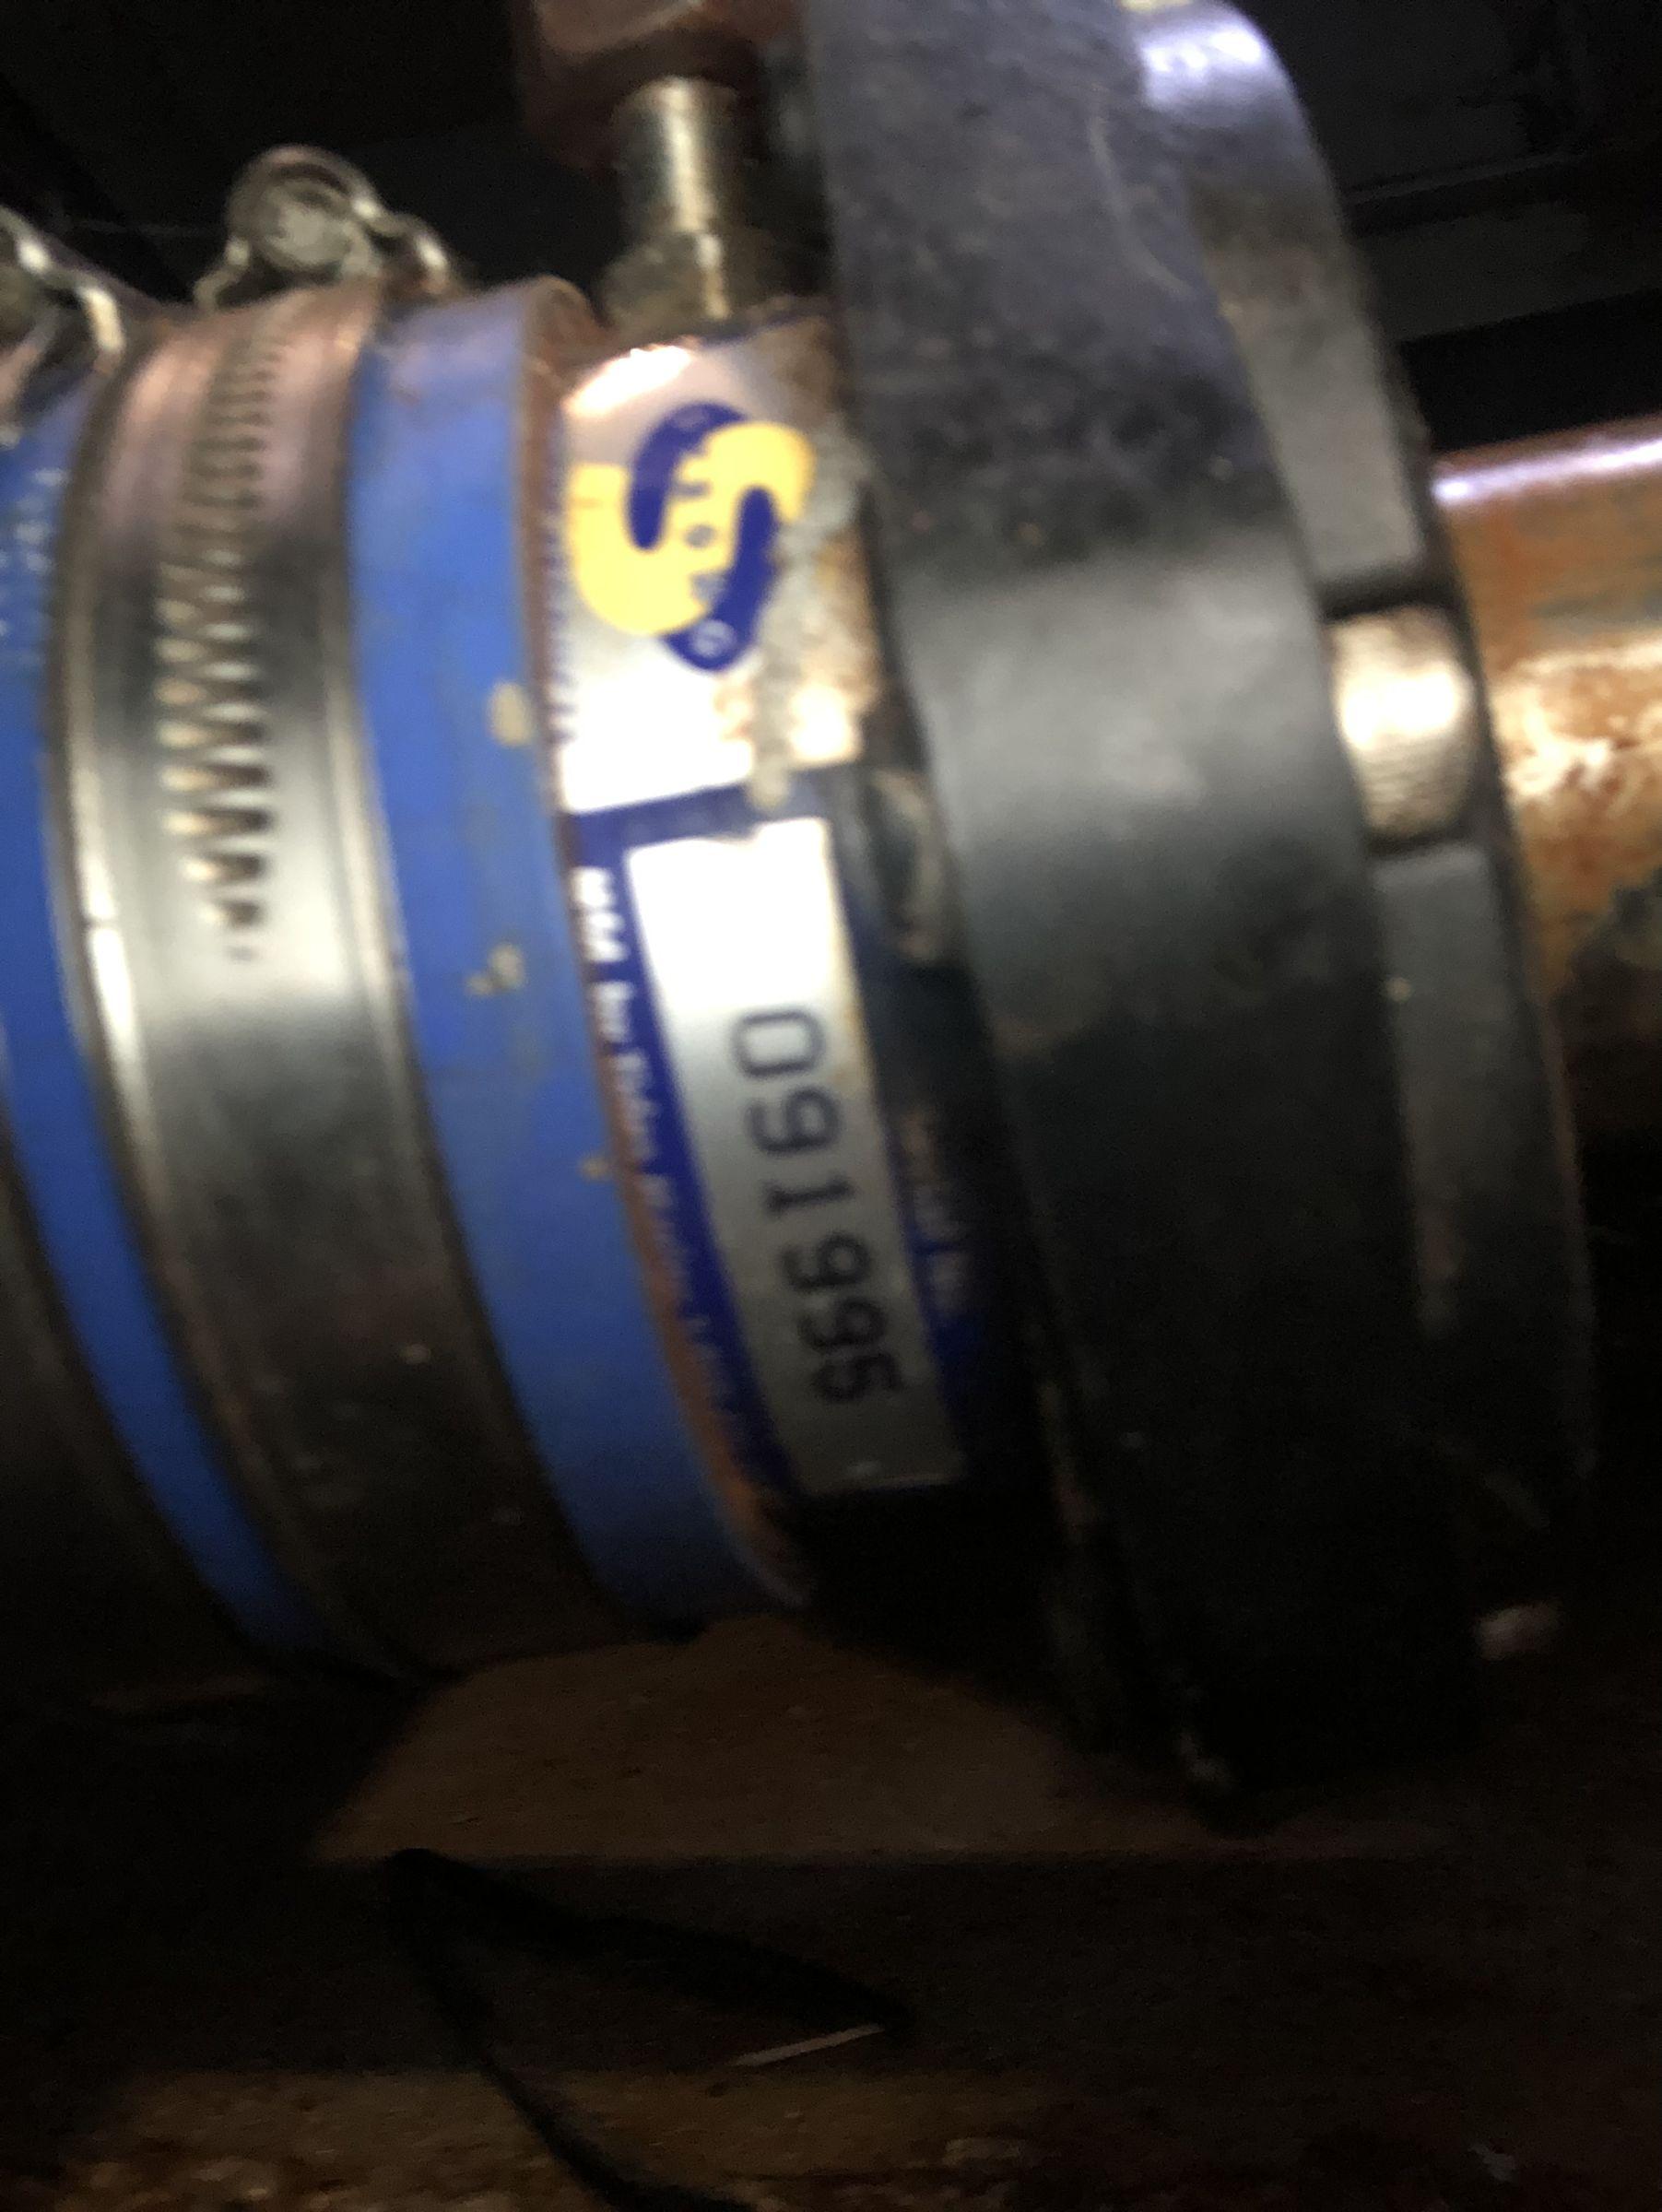 5F109238-EB91-42CA-B05A-FDF7EF43D645.jpeg